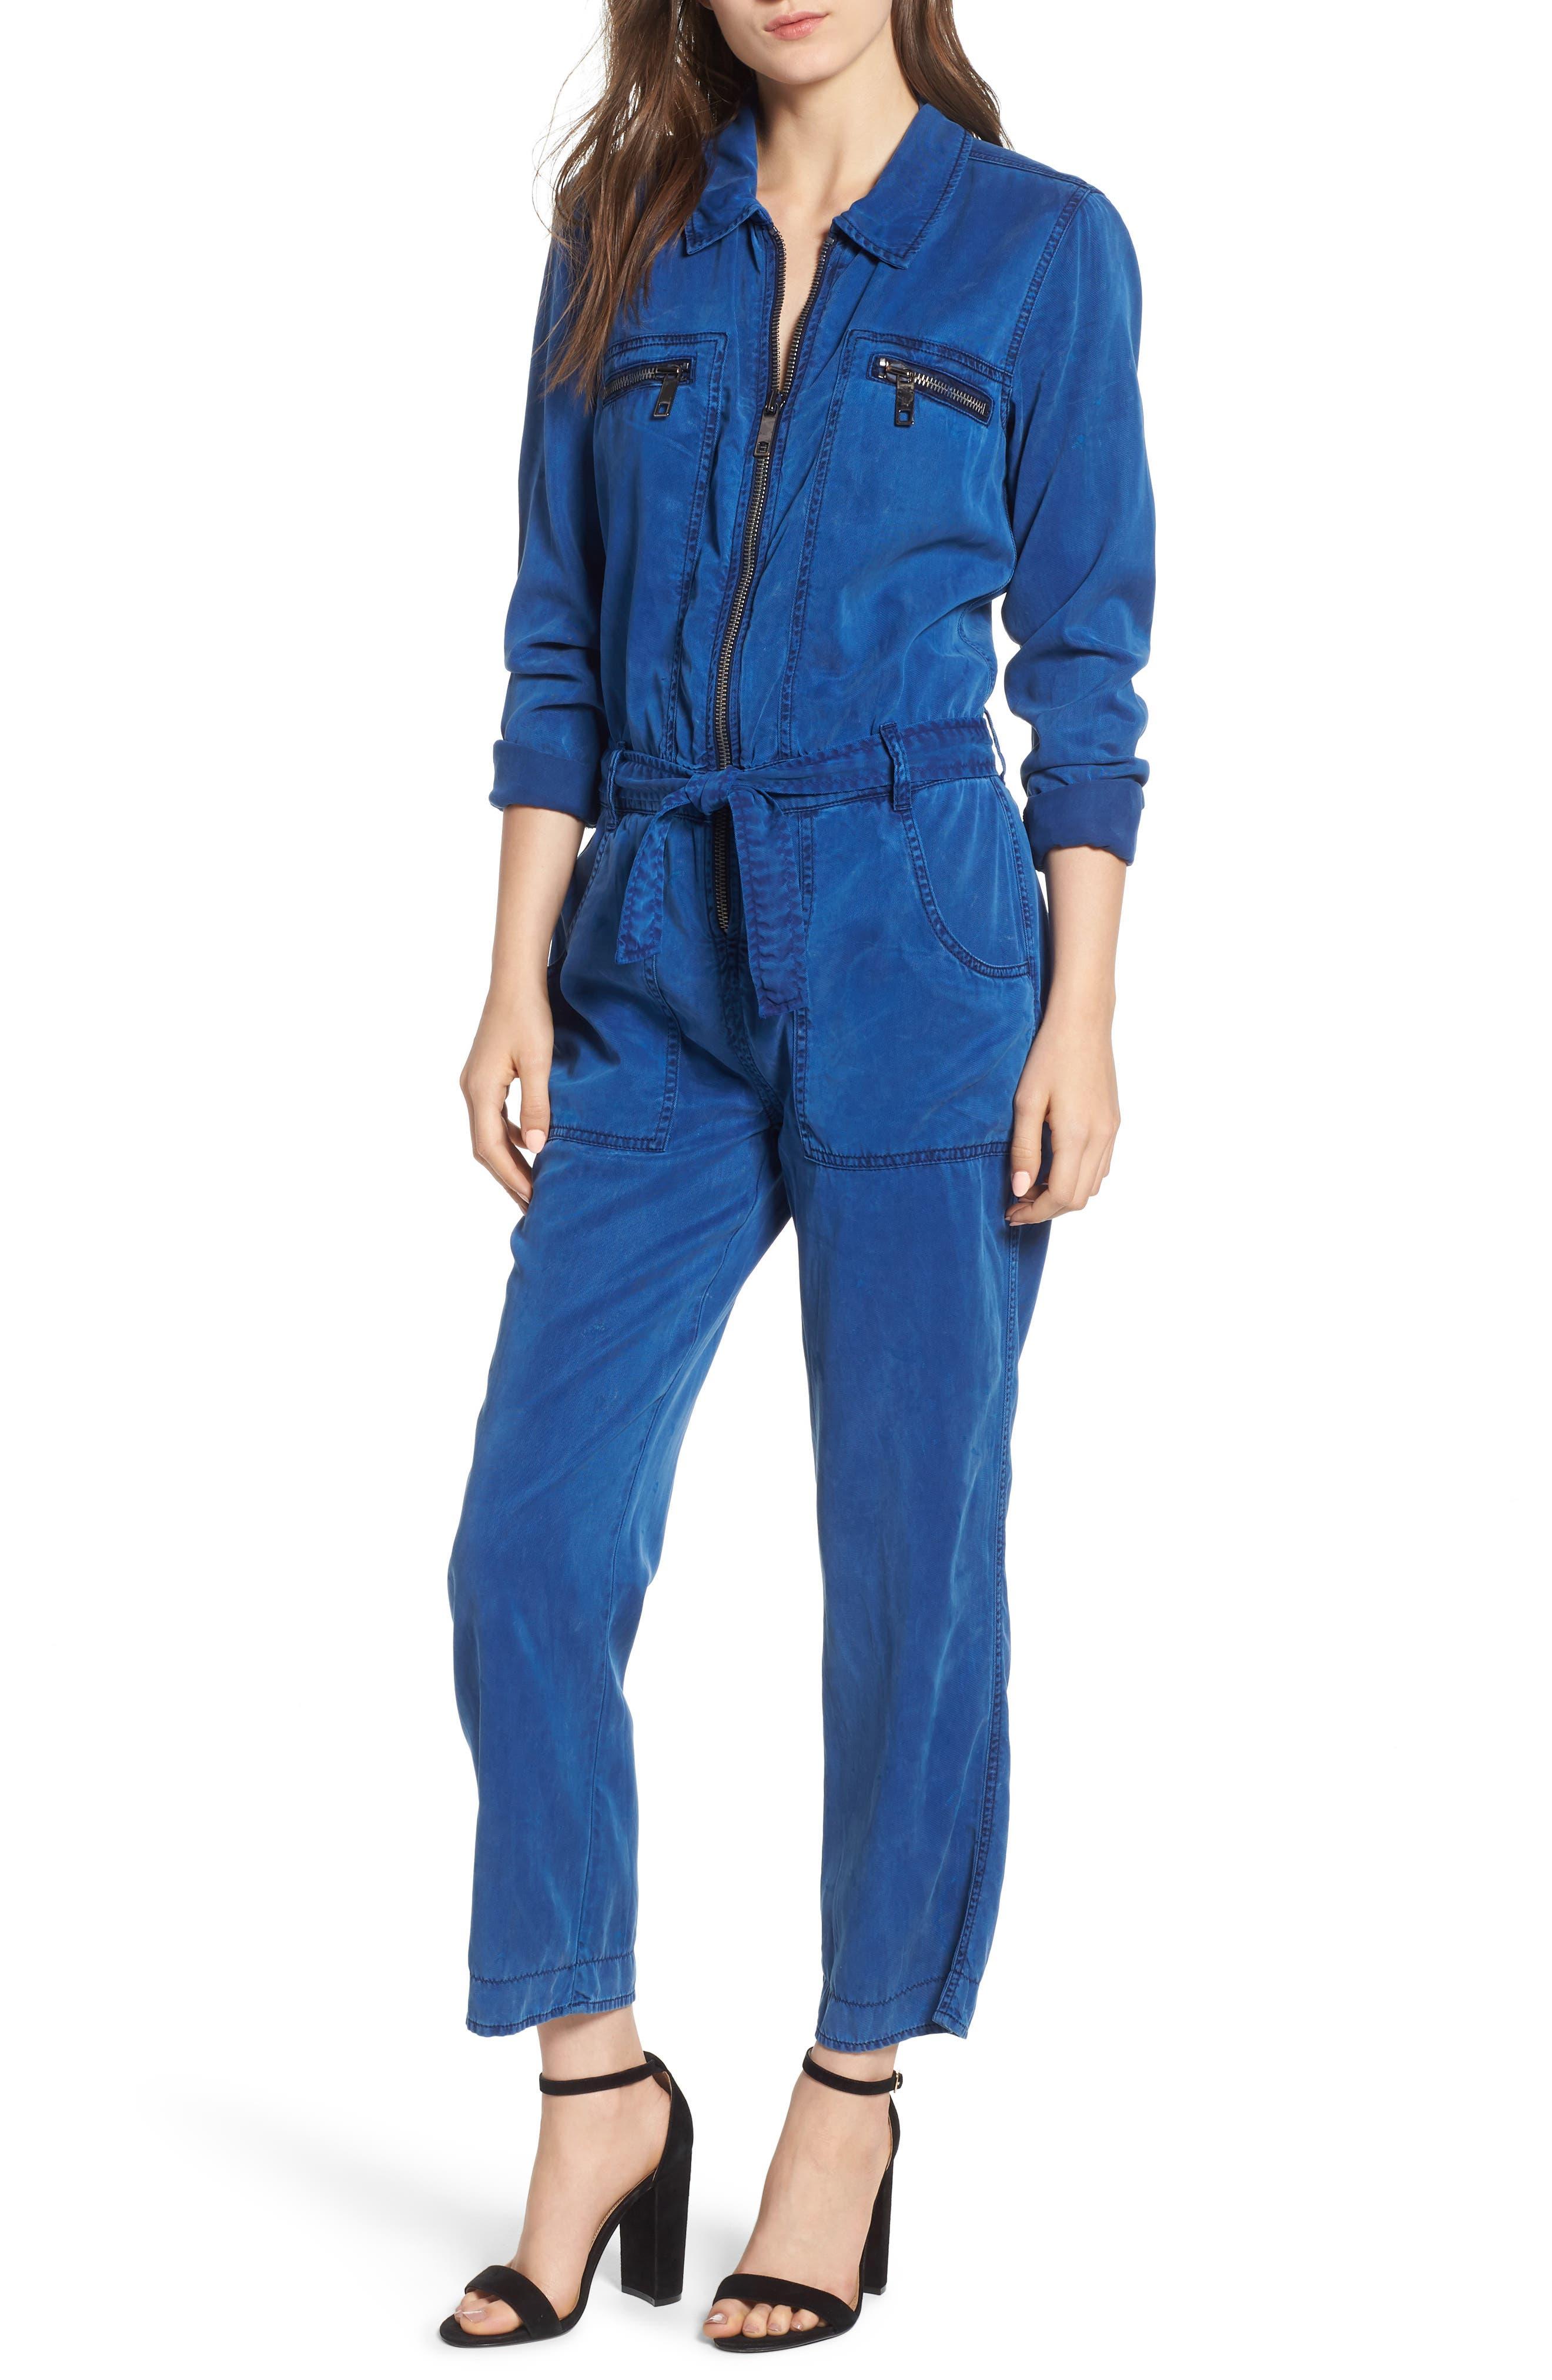 HUDSON JEANS Utility Denim Jumpsuit, Main, color, ALBURY